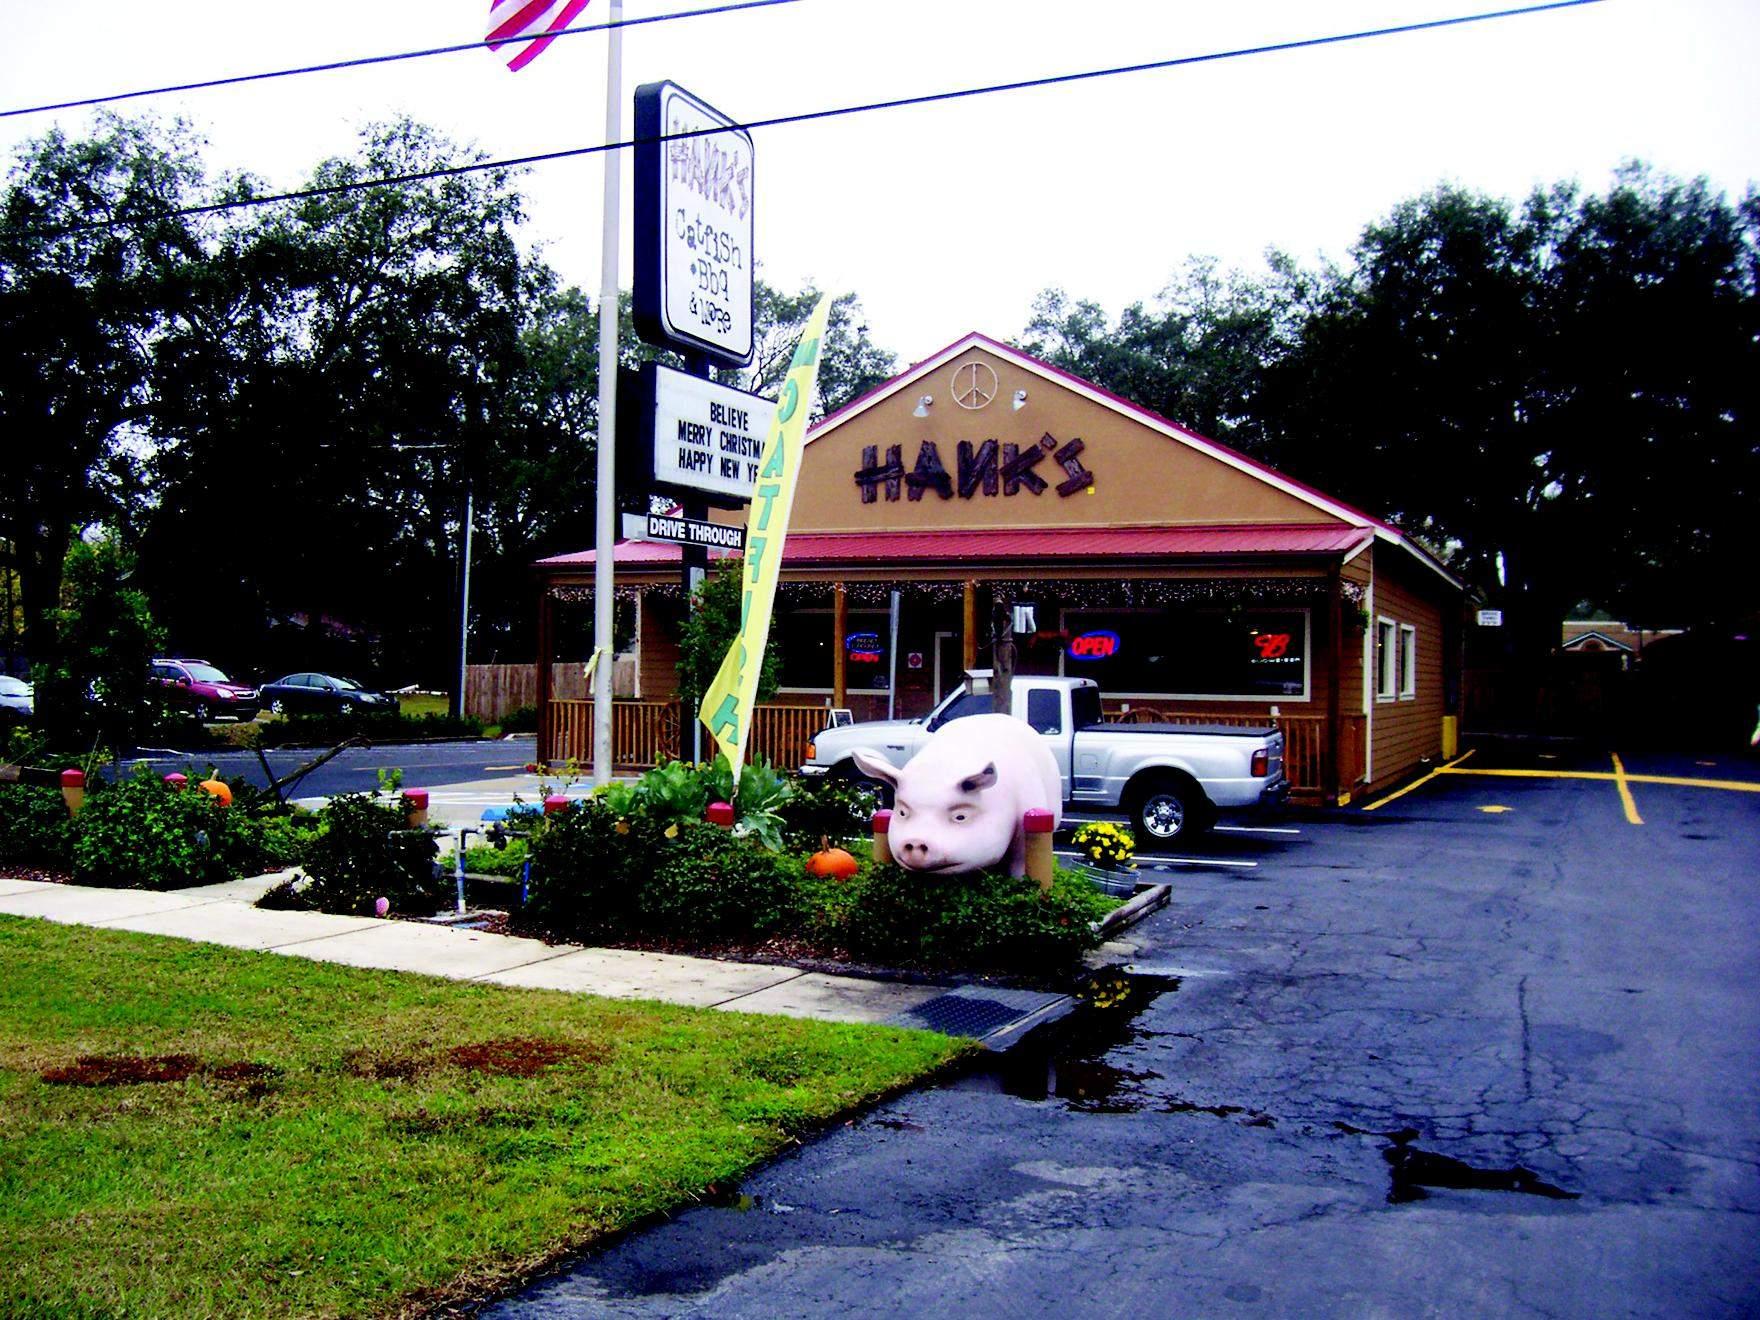 hanks-front.jpg